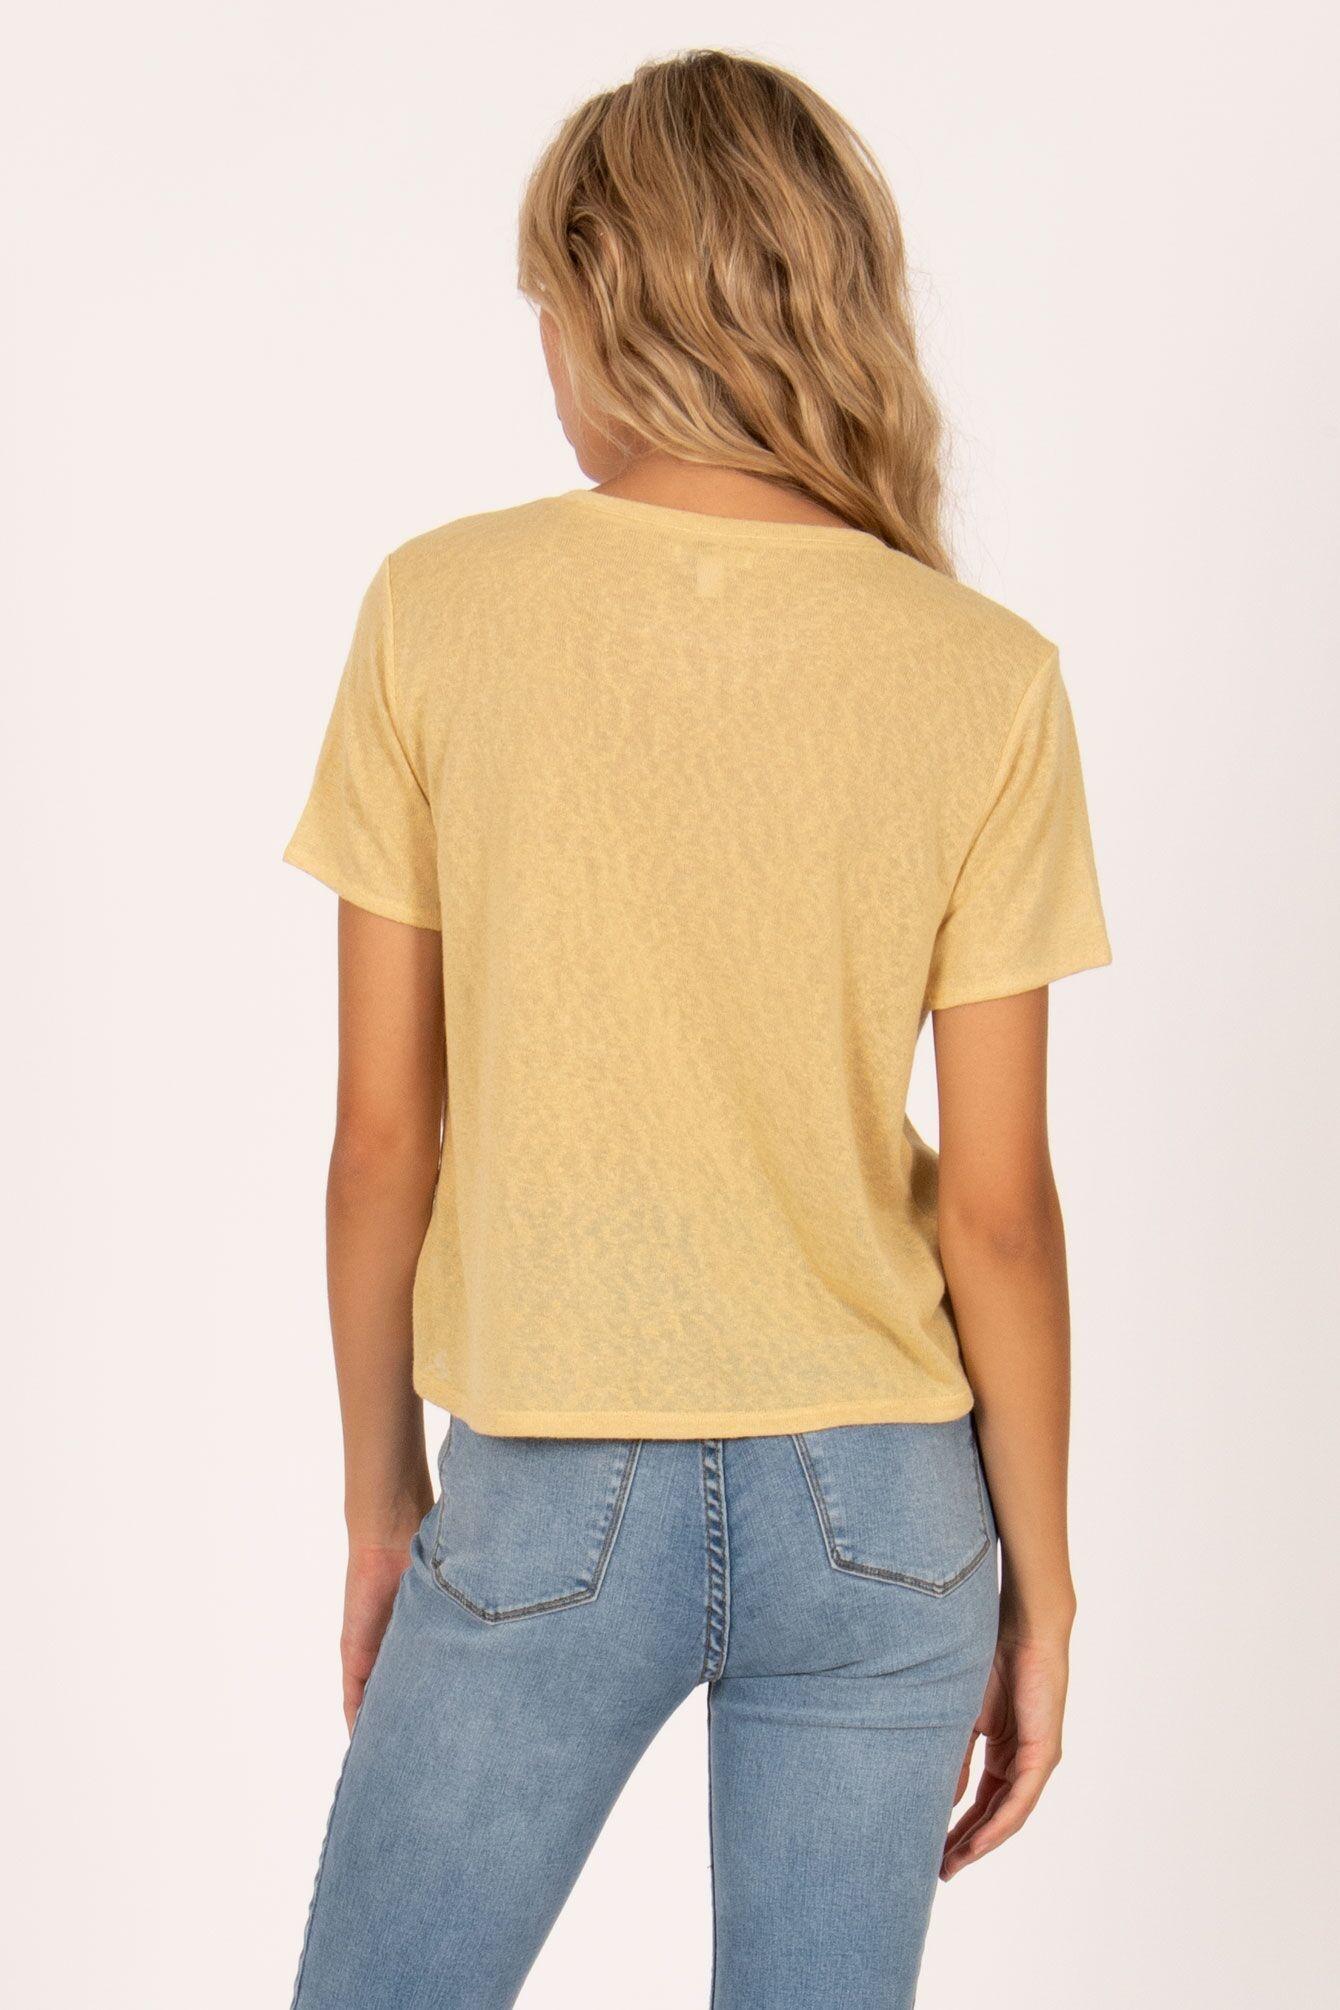 Amuse Society T-shirt Ginger